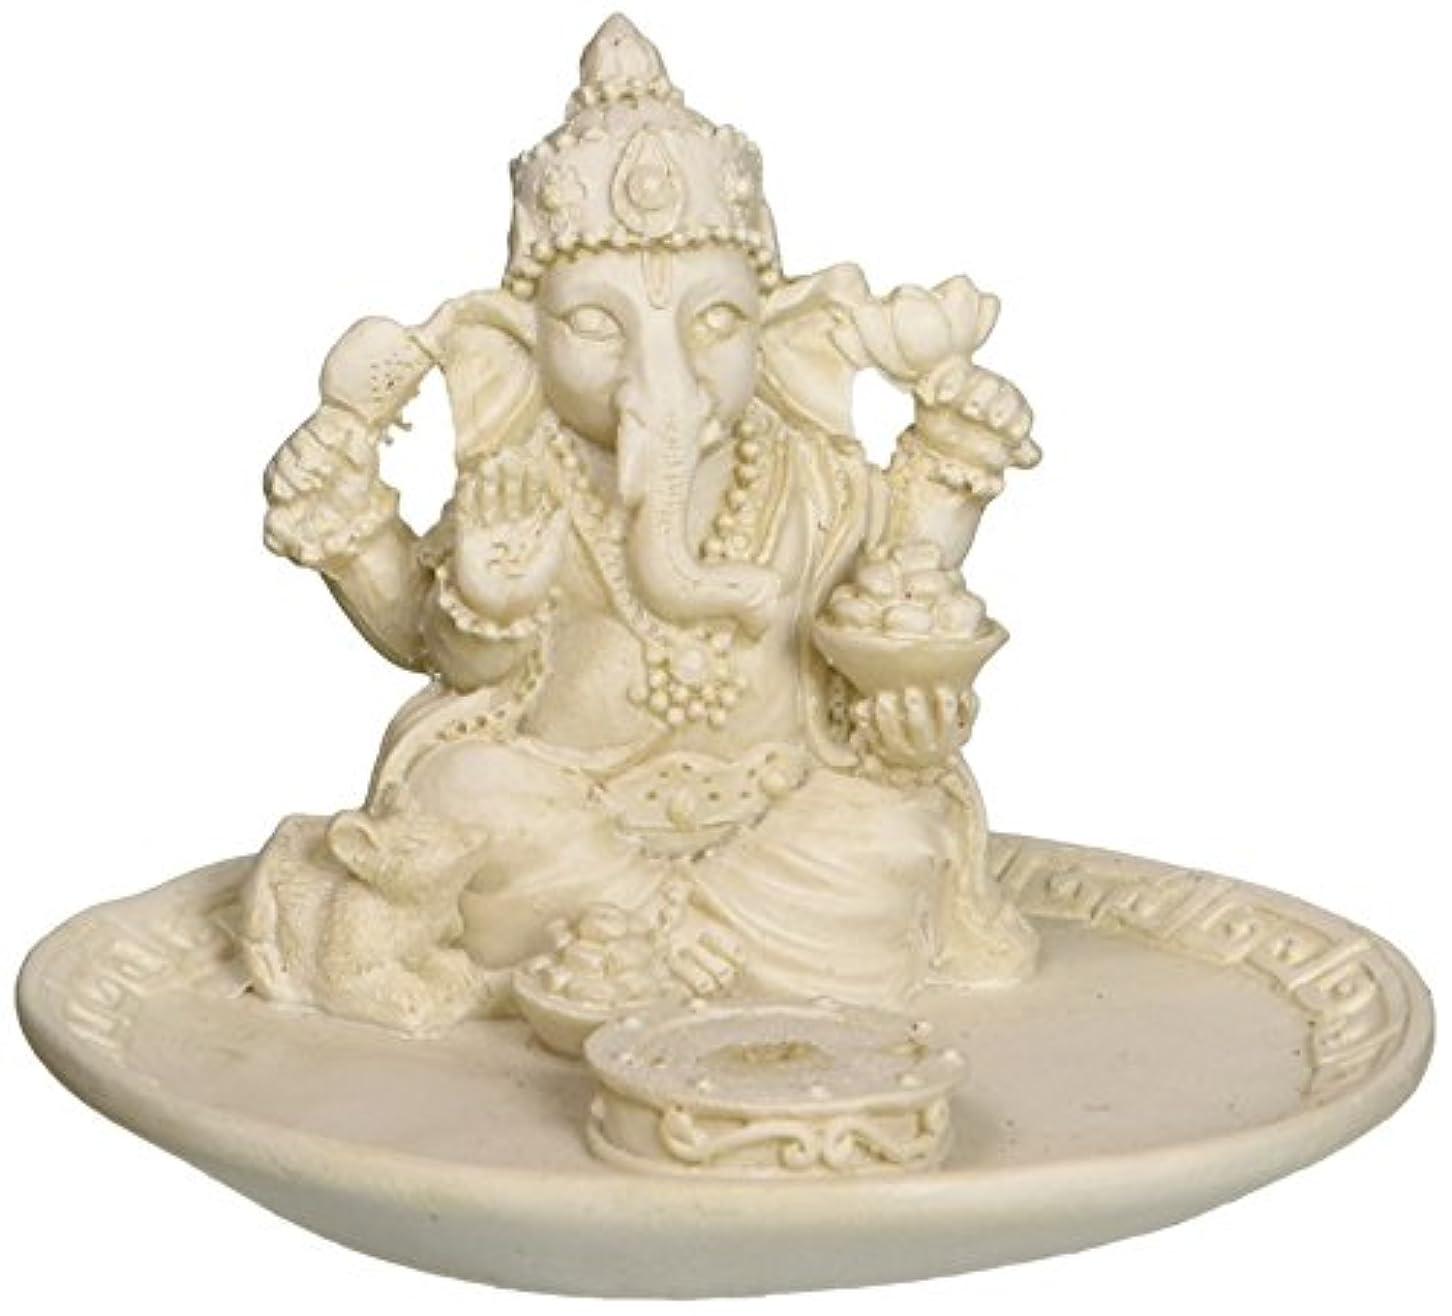 小説合法事White Beautiful Lord Ganesh Incense Sticks Holder - Ganesha, Laxmi, Shiva, Durga, Kali